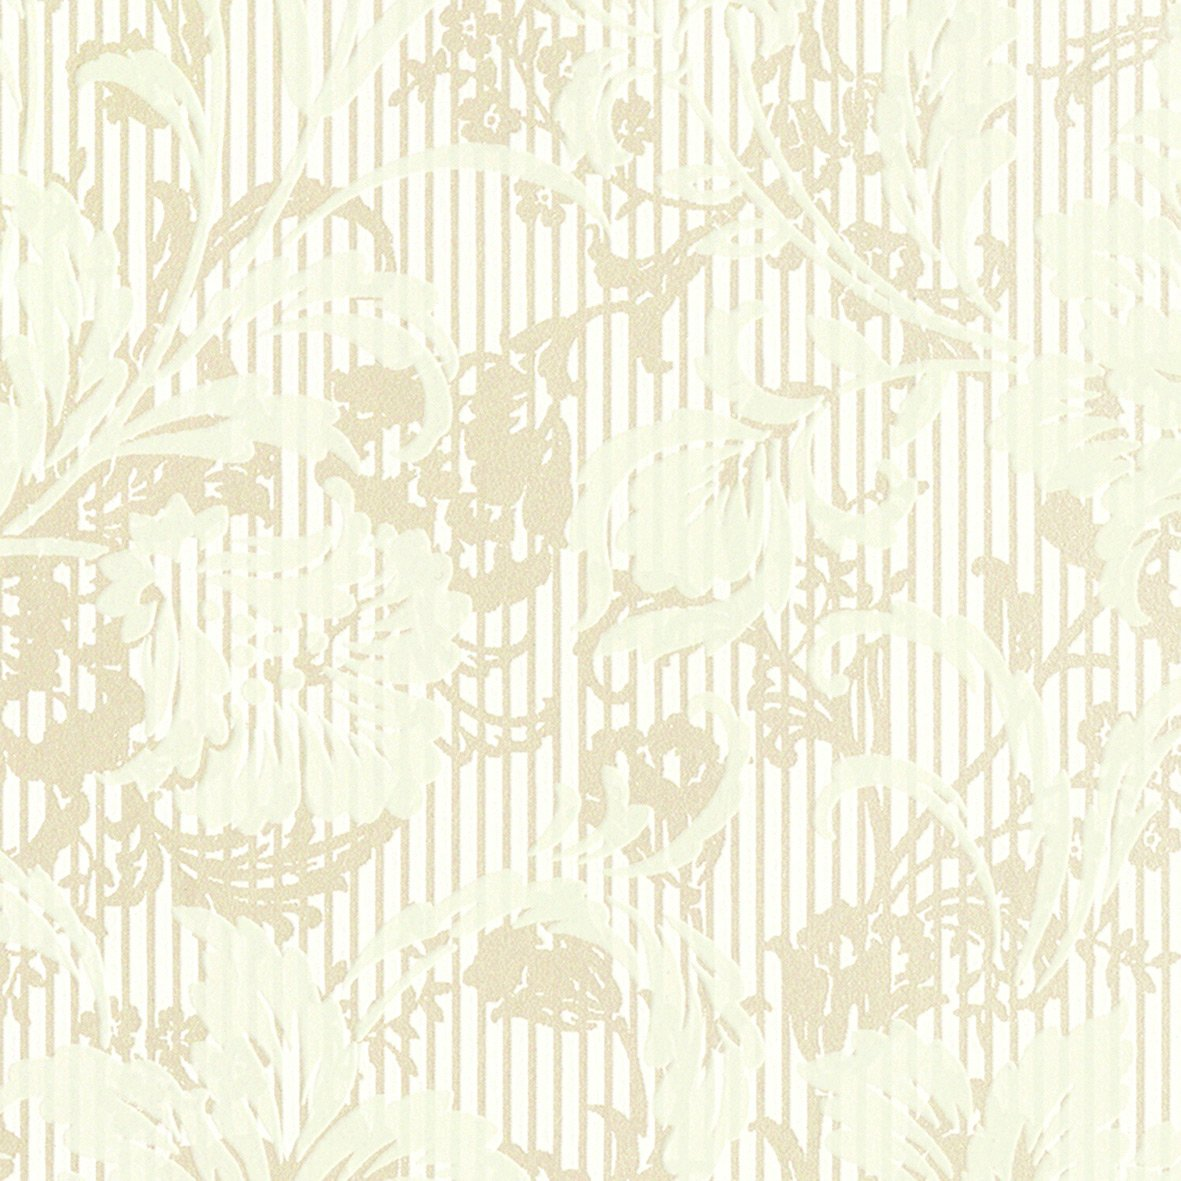 リリカラ 壁紙45m フェミニン 花柄 グリーン 水廻り Lv 6239